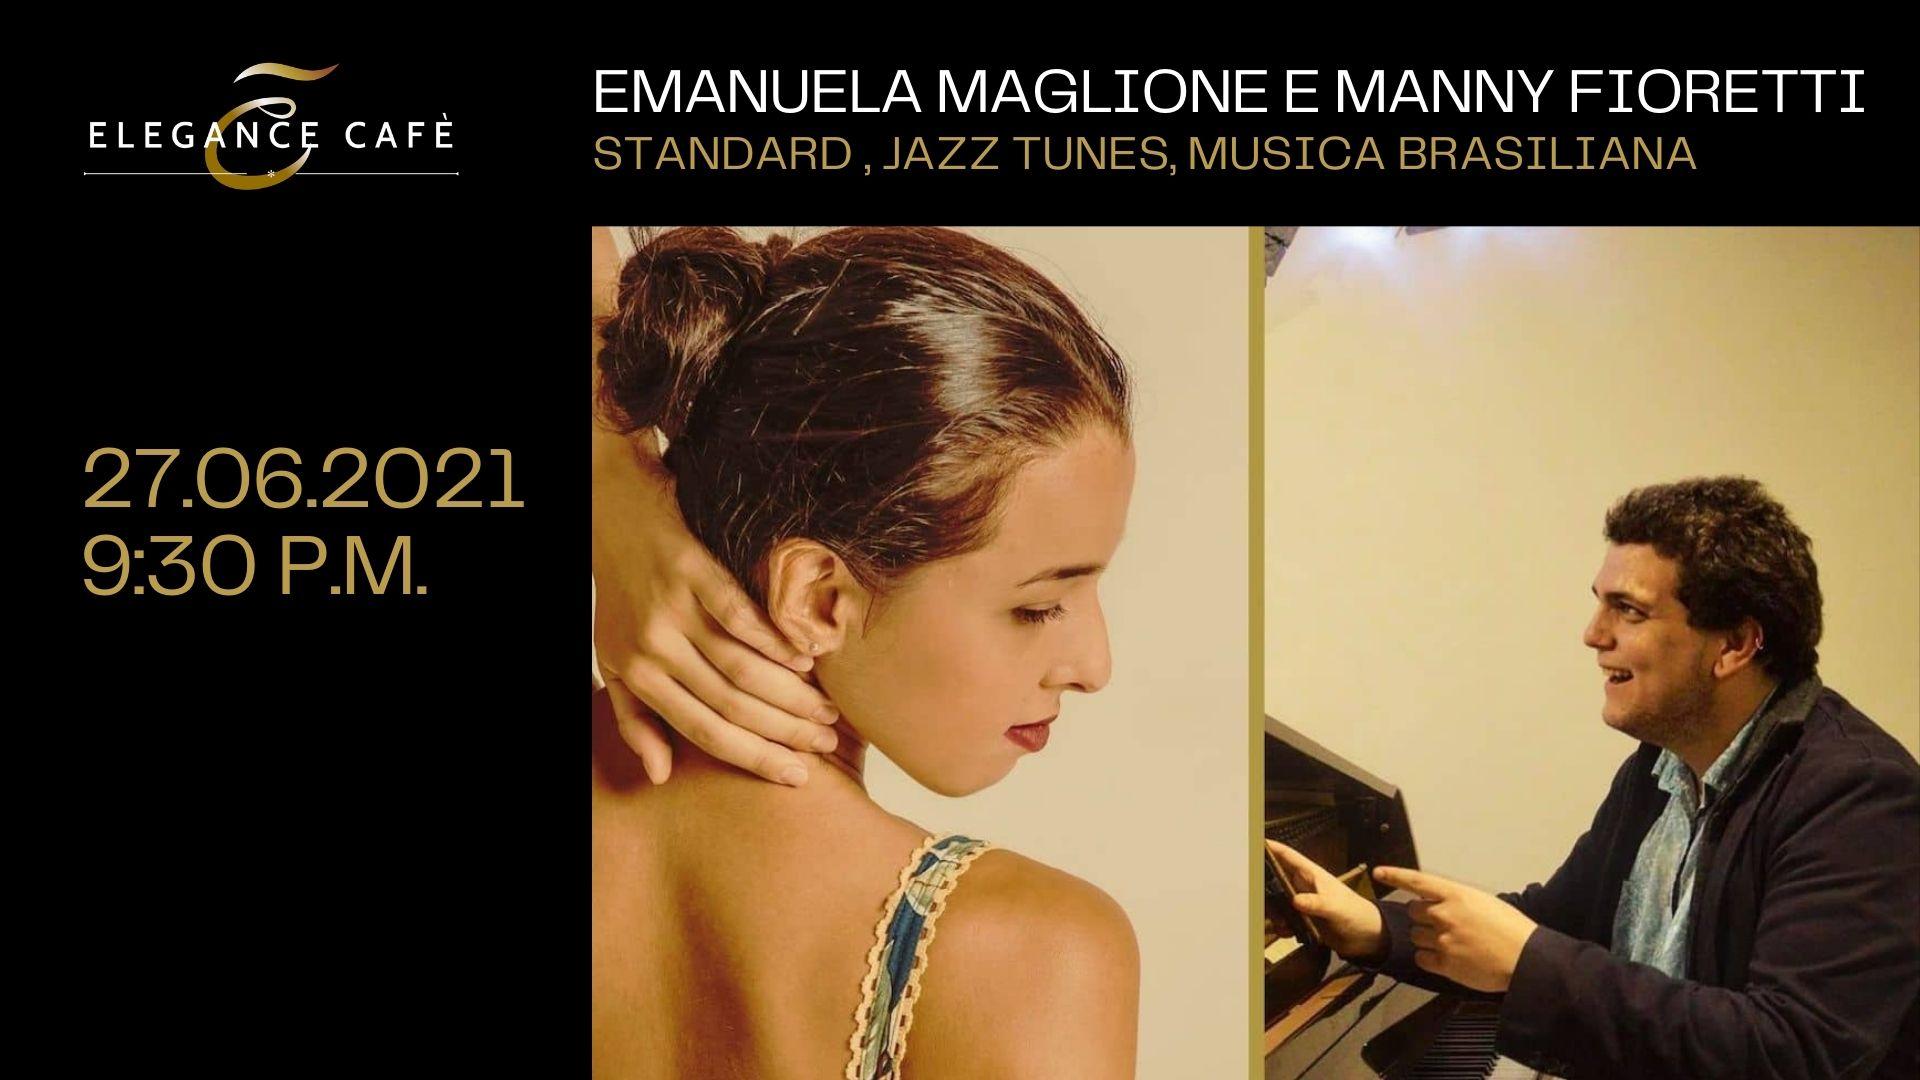 Emanuela Maglione E Manny Fioretti